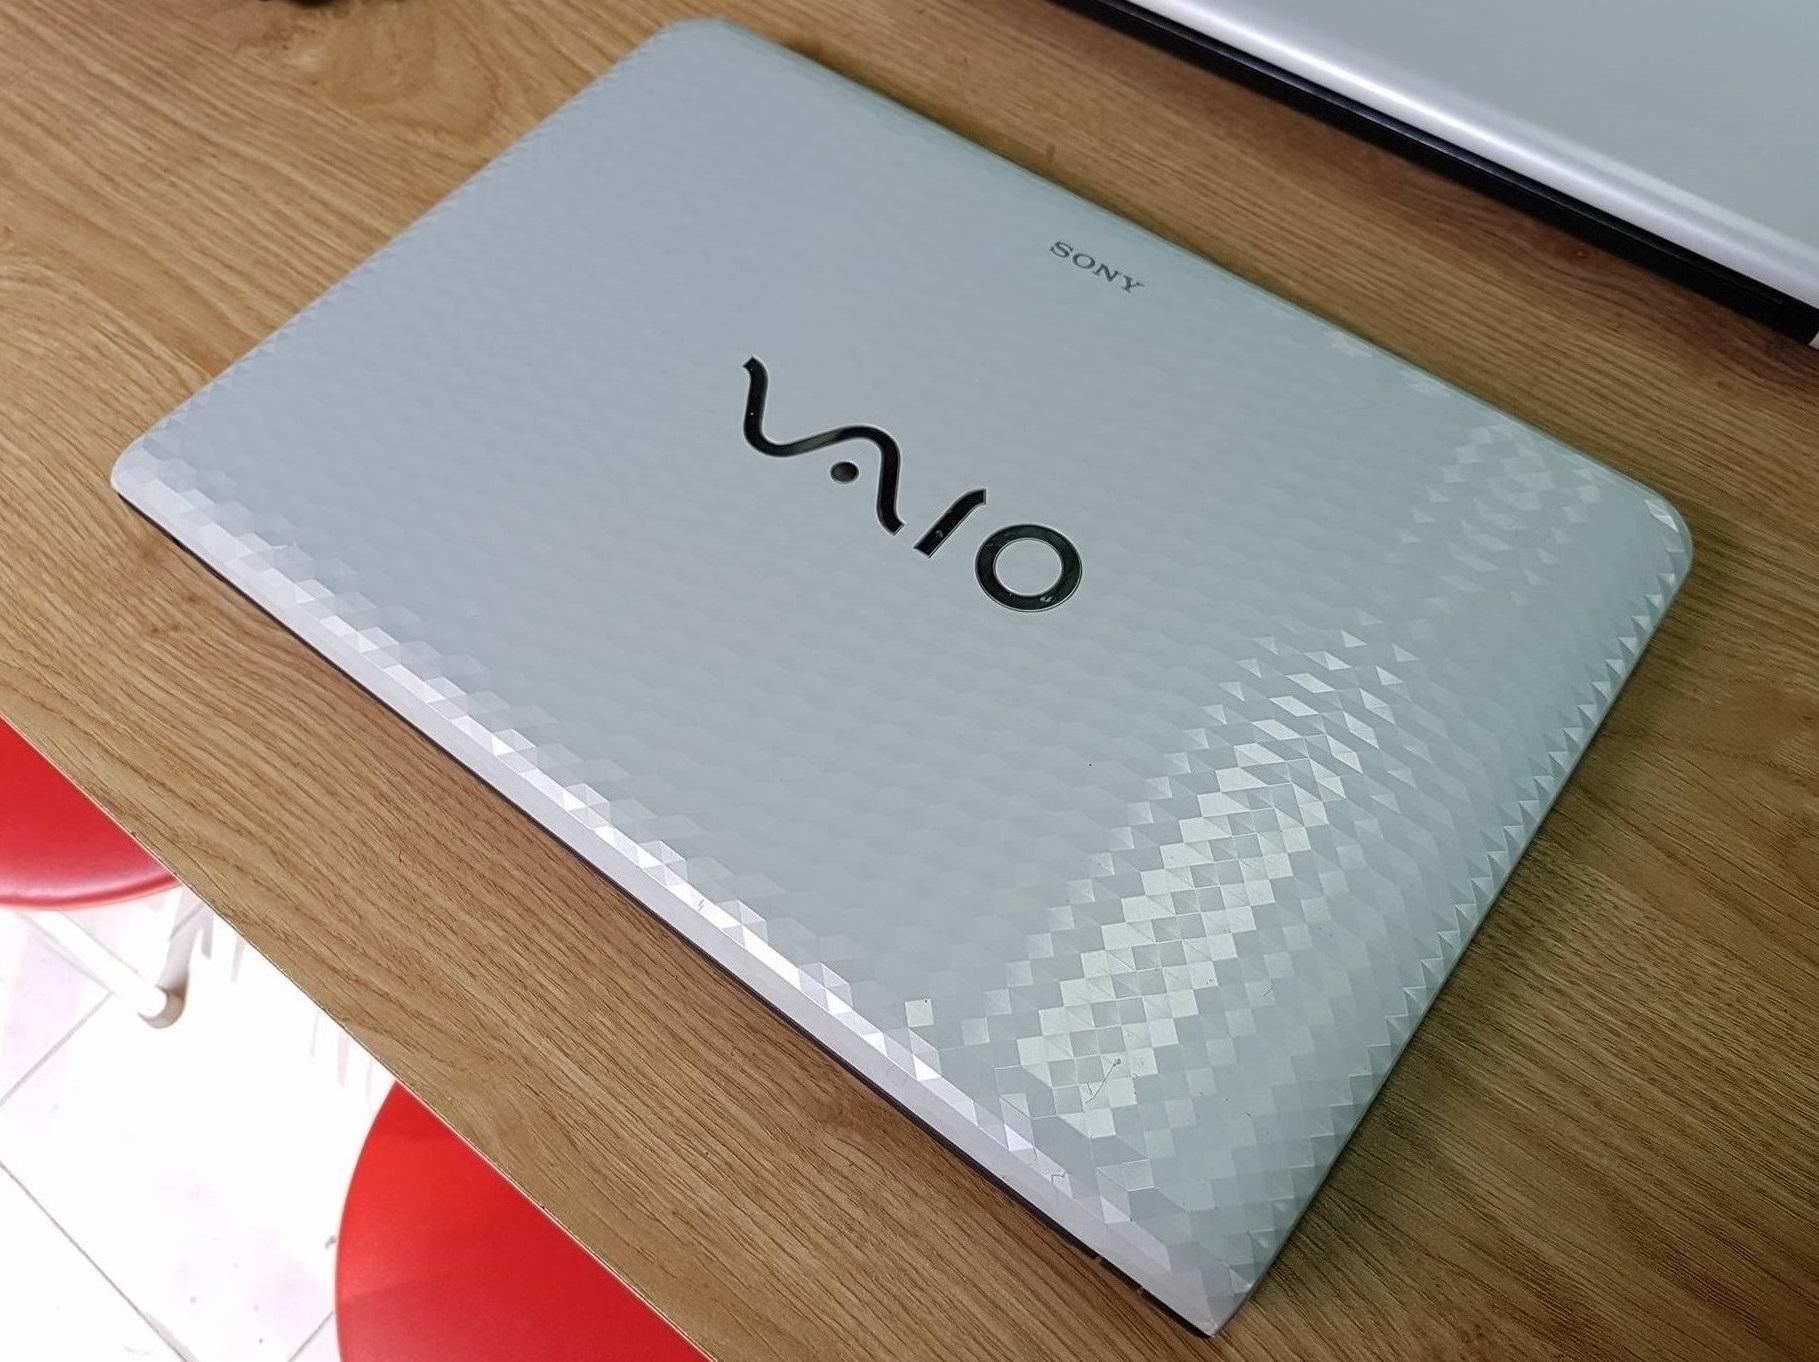 2 Laptop Cũ Chính Hãng - Rẻ Nhất Hà Nội - Tặng full Phụ Kiện - Freeship hàng Toàn Quốc